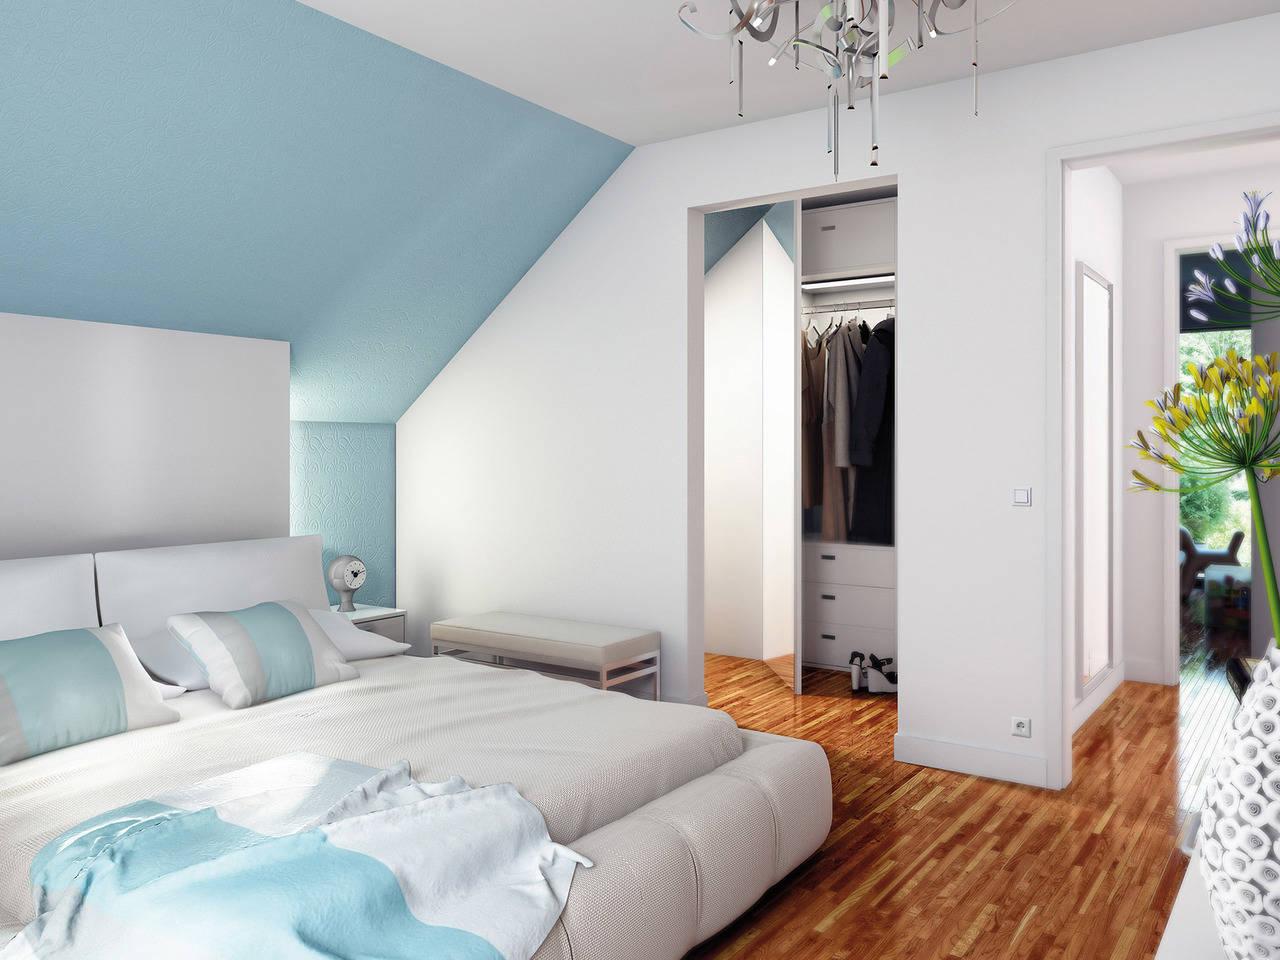 Haus SOLUTION 151 V4 Schlafzimmer von Living Haus